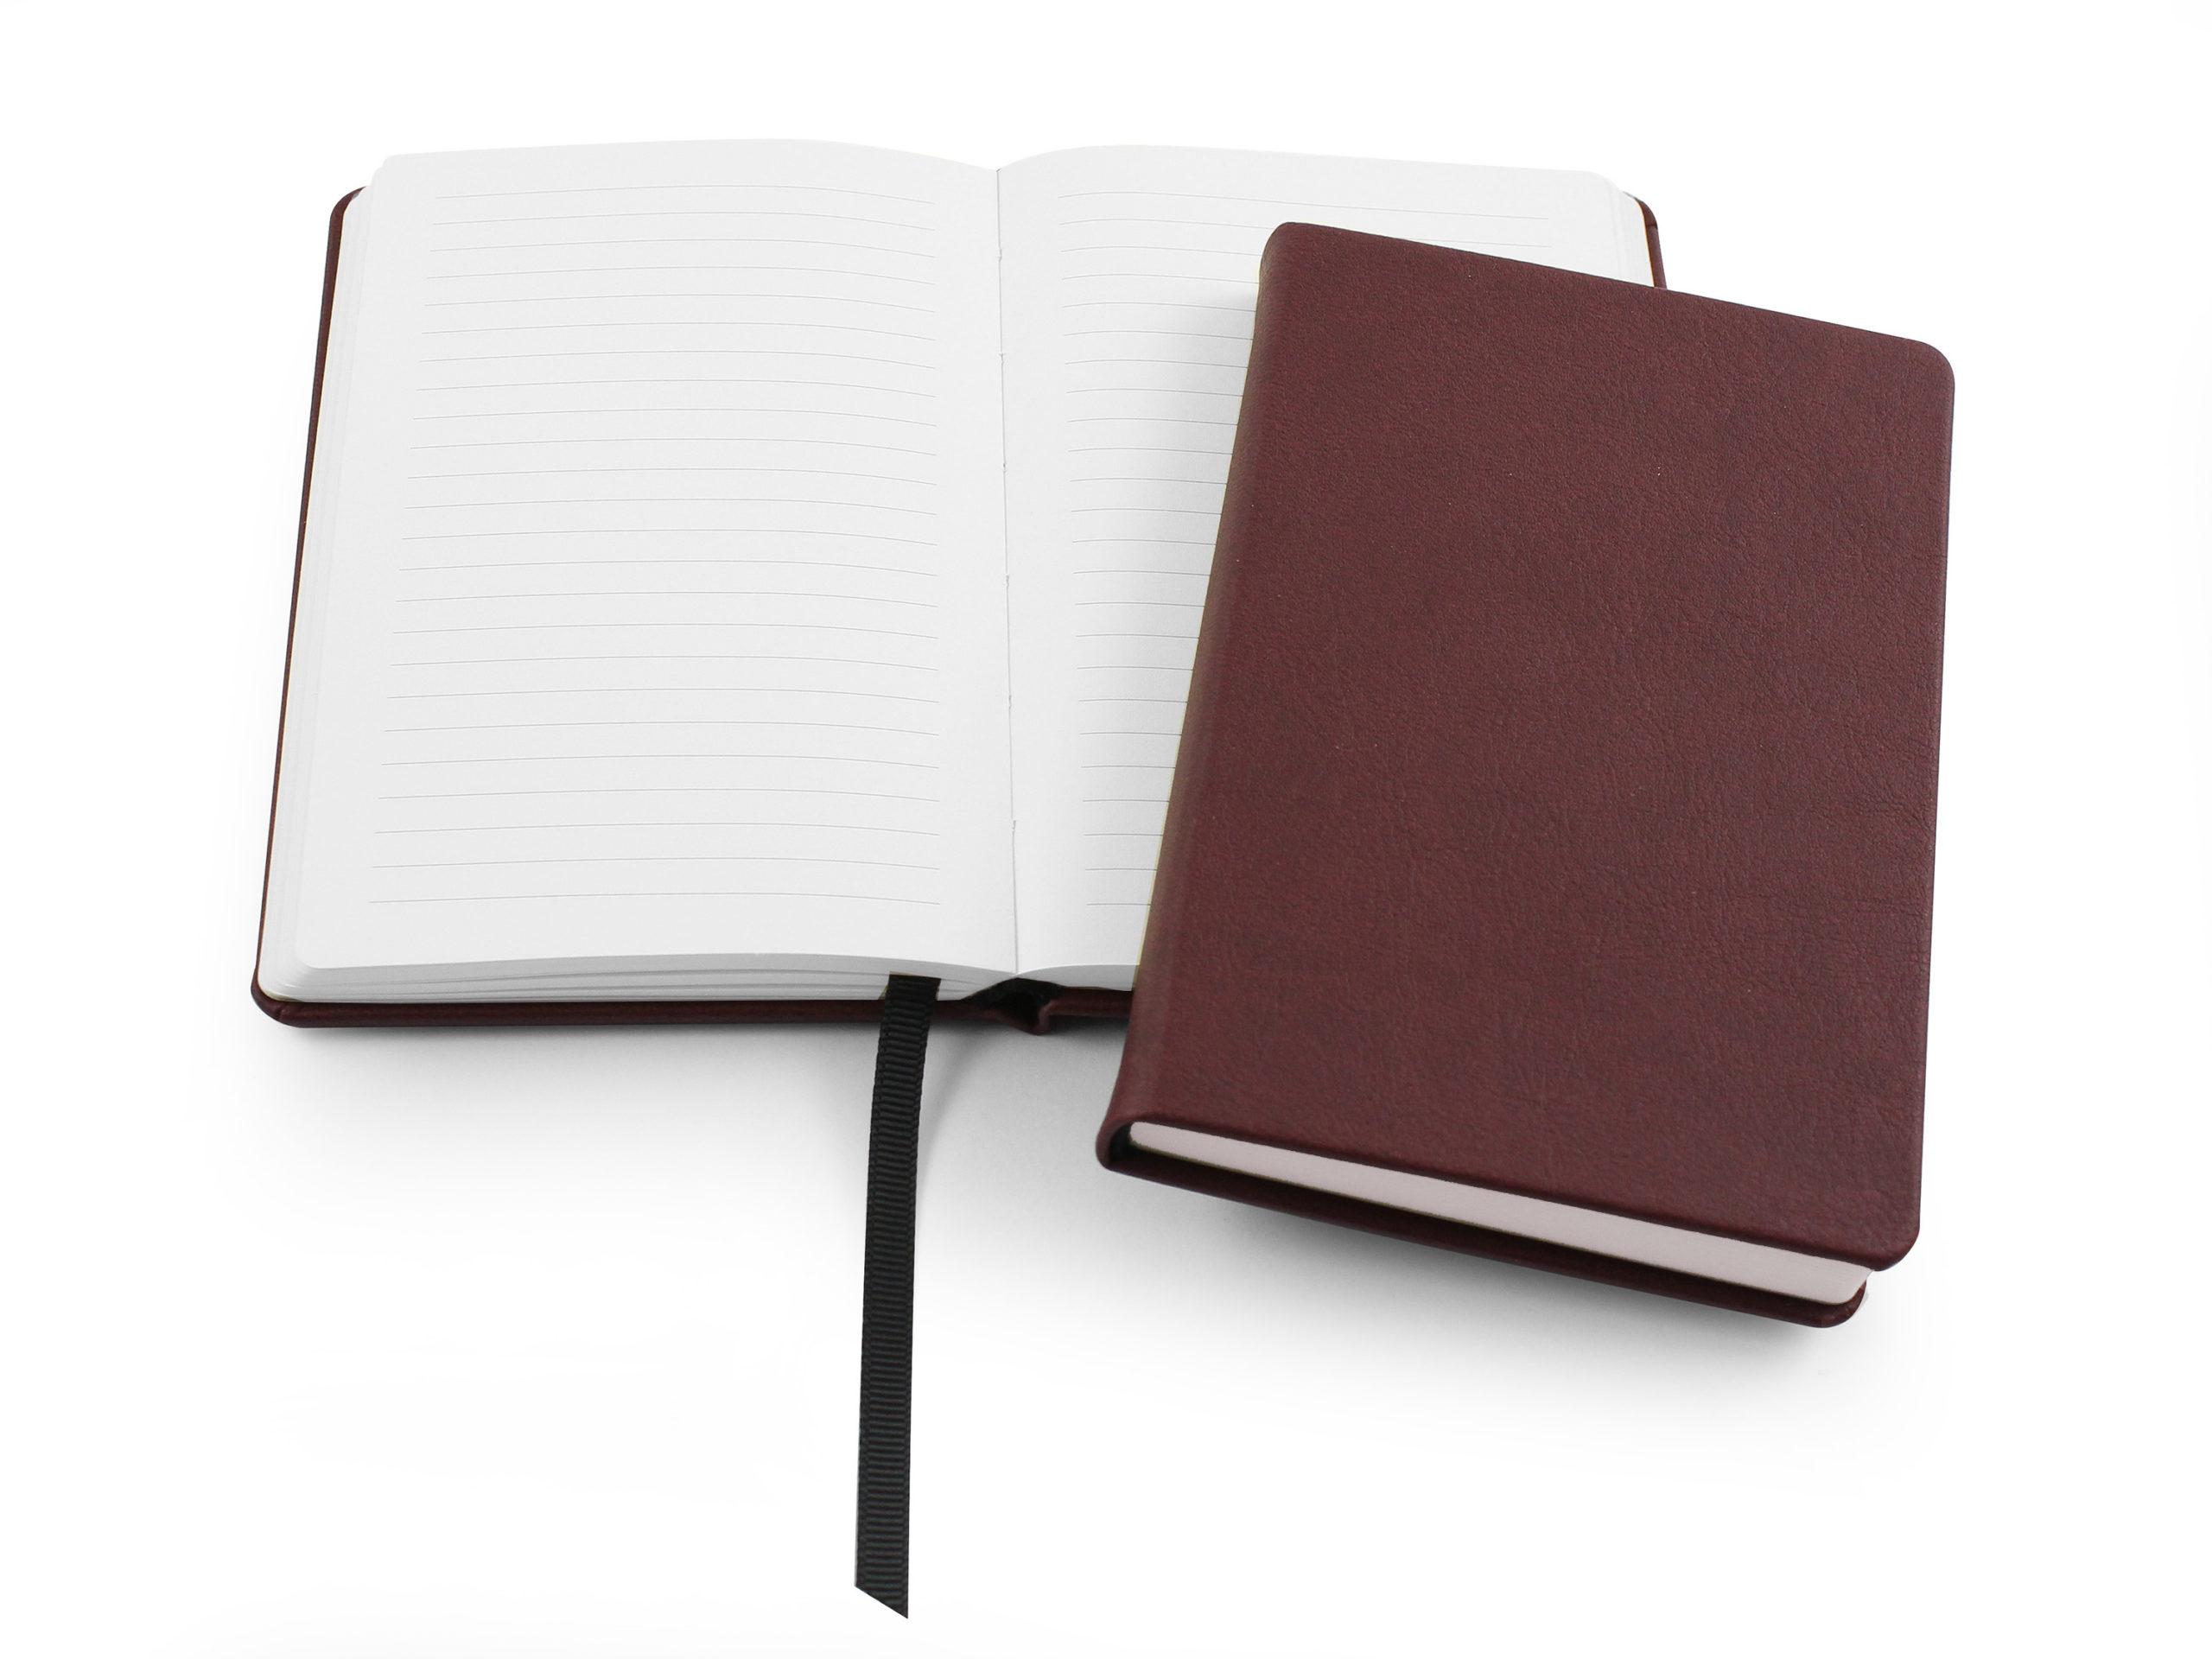 Wine Red Biodegradable BioD Pocket Notebook